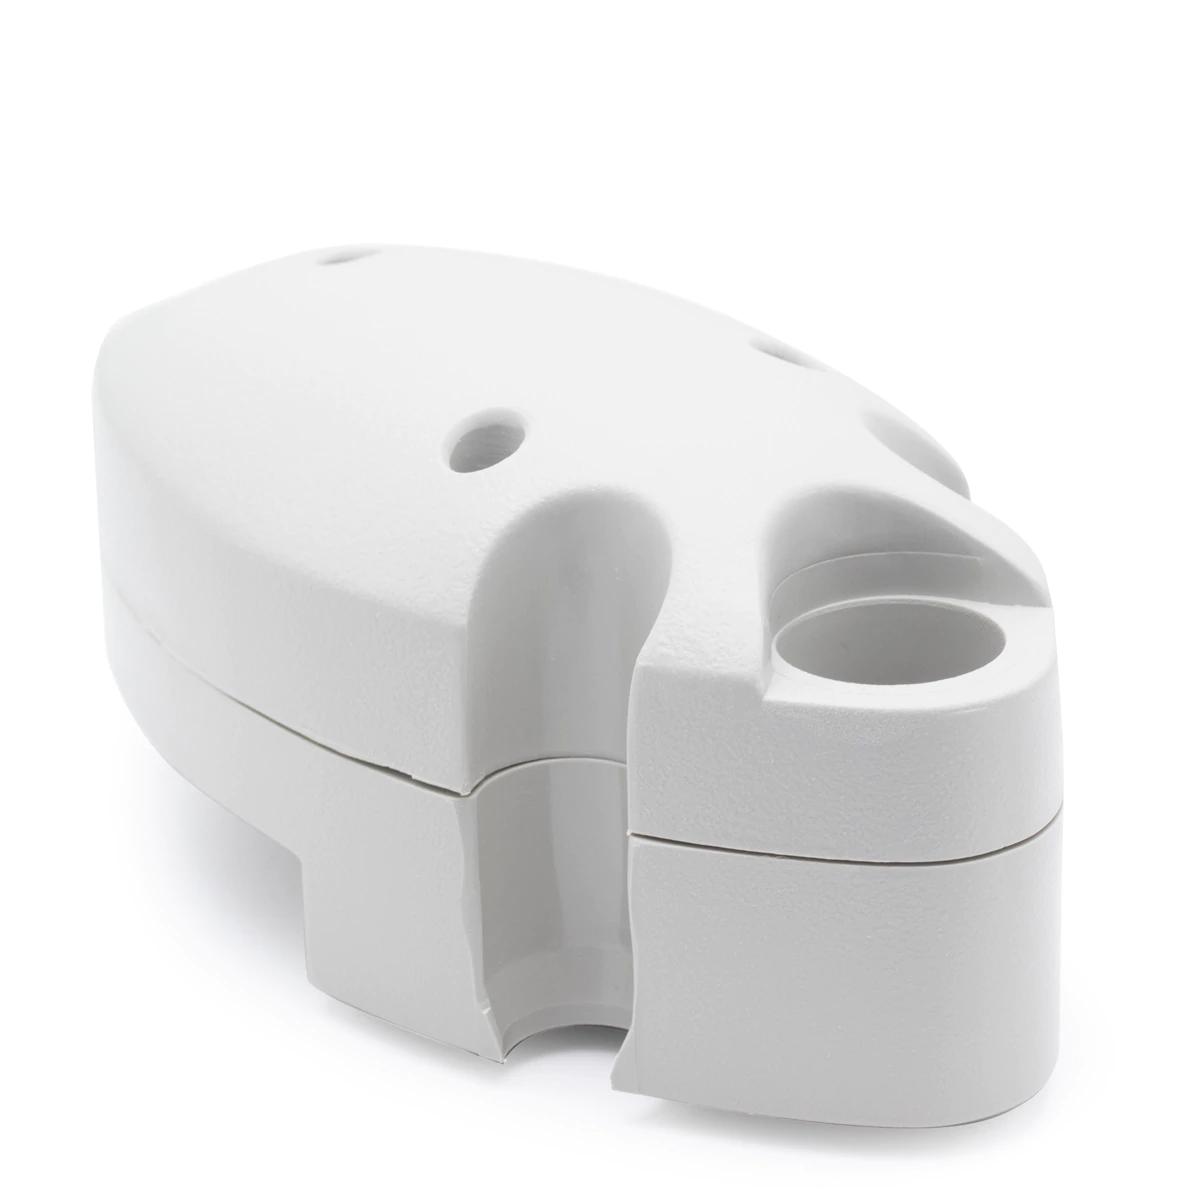 Suport de electrozi - HI900310